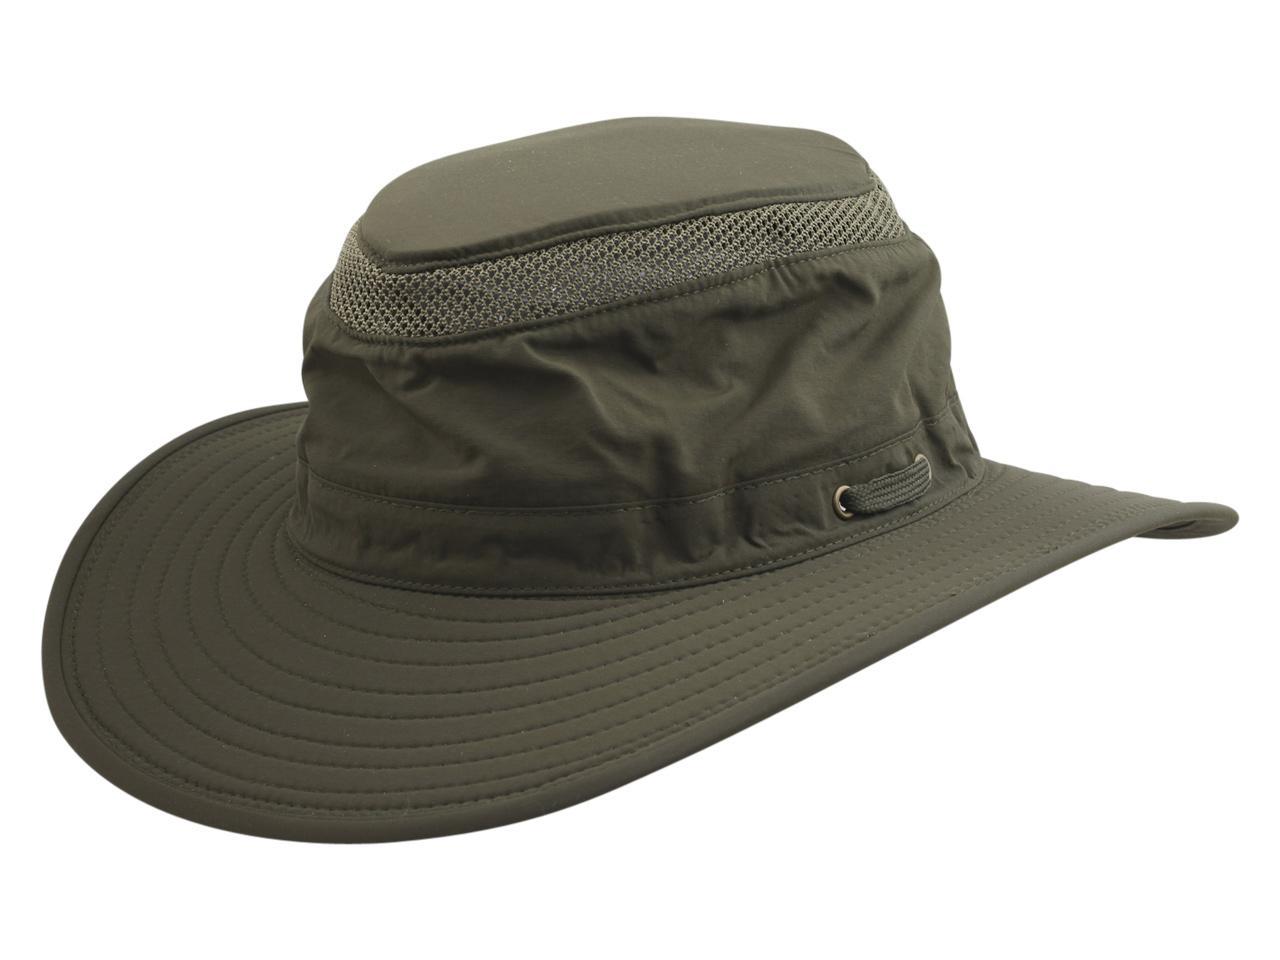 Image of Henschel Men's 10 Point Booney Hat - Olive - Medium